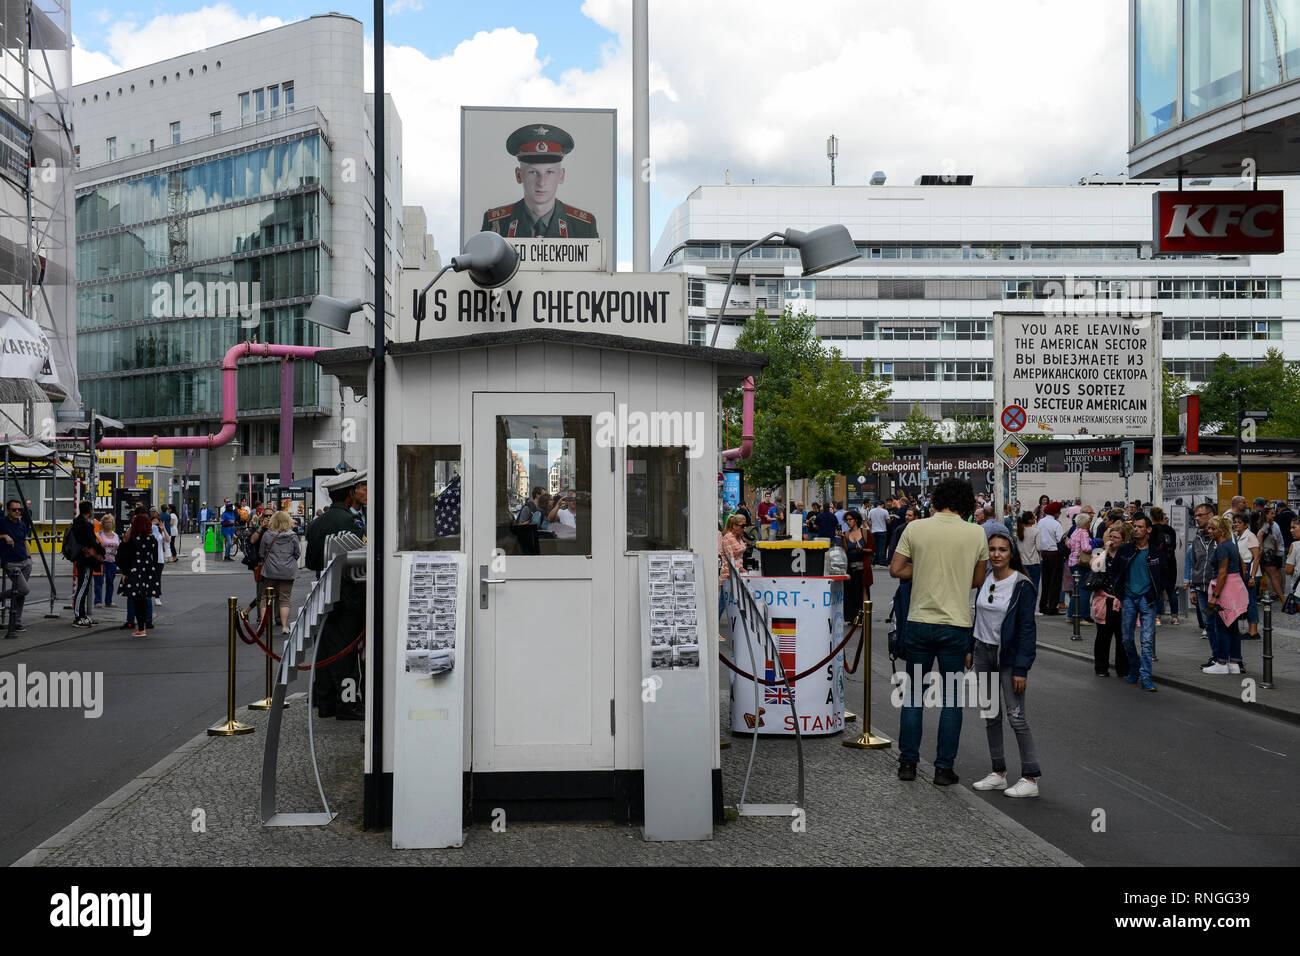 Alemania, Berlín, el muro, famosa estación fronteriza Checkpoint Charly tras la guerra fría Imagen De Stock